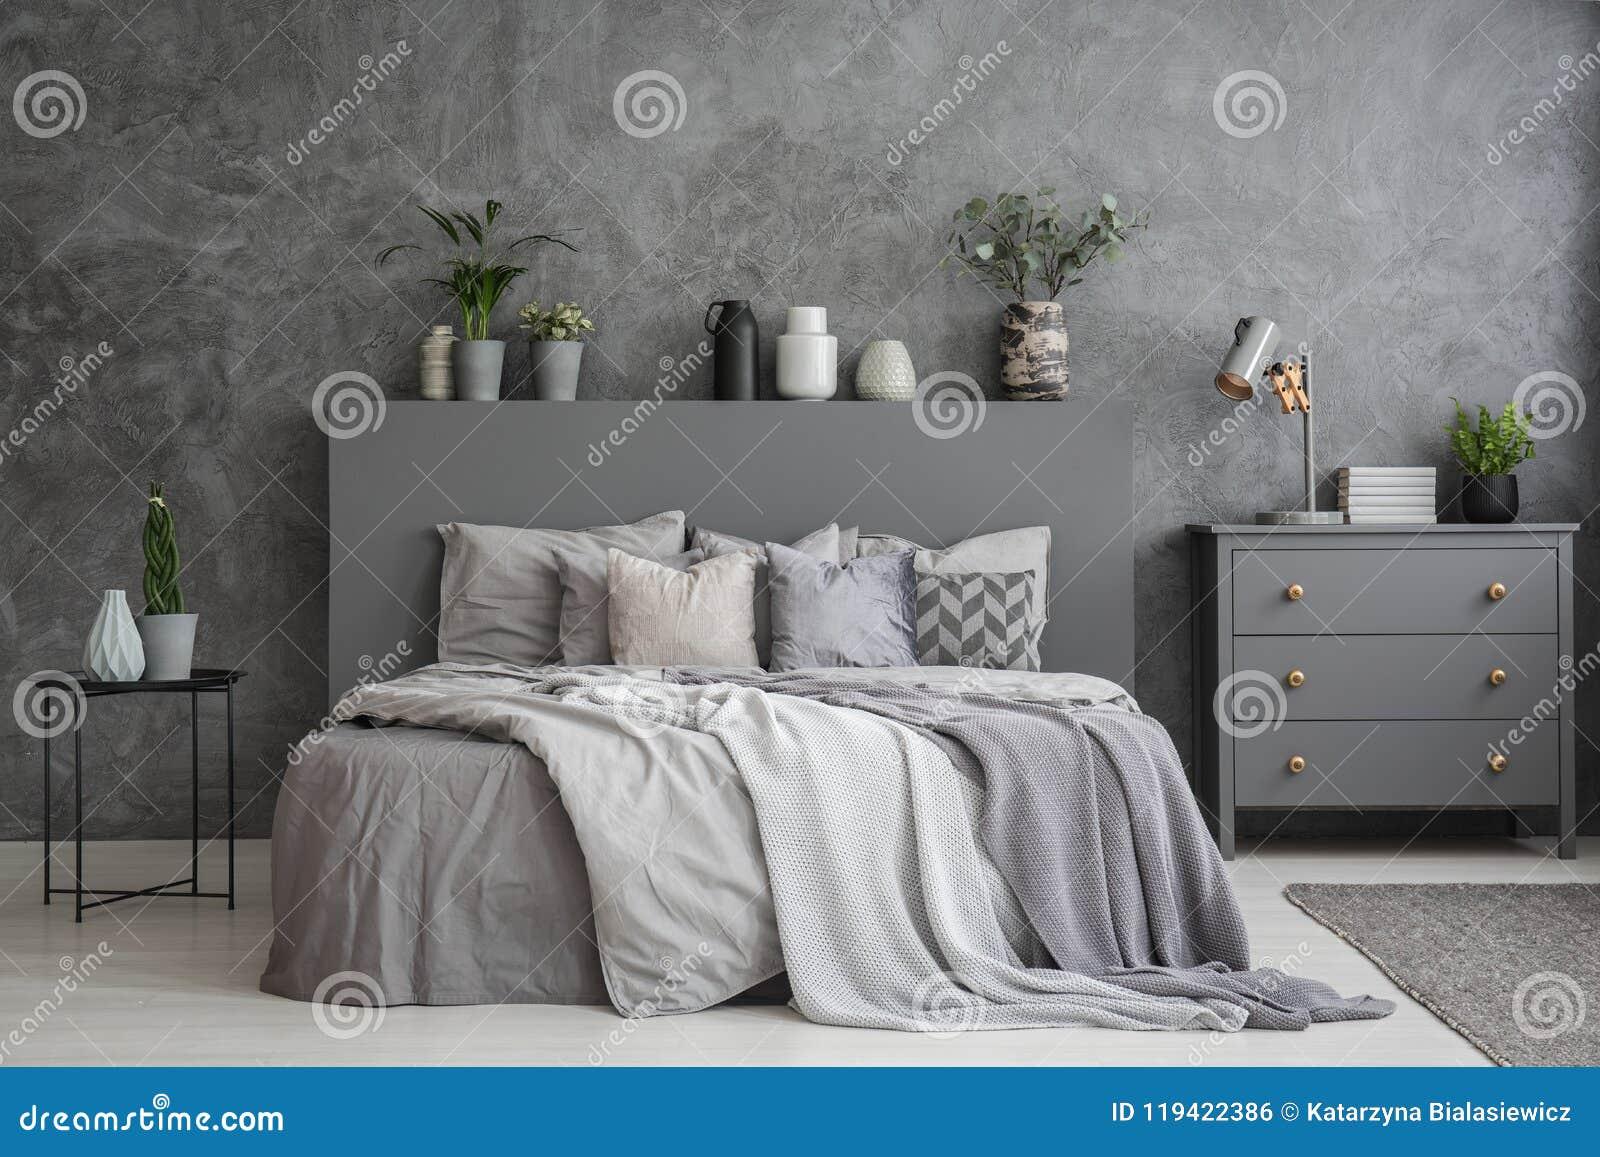 Poduszki Na łóżku Między Stołem I Gabinetem W Sypialni